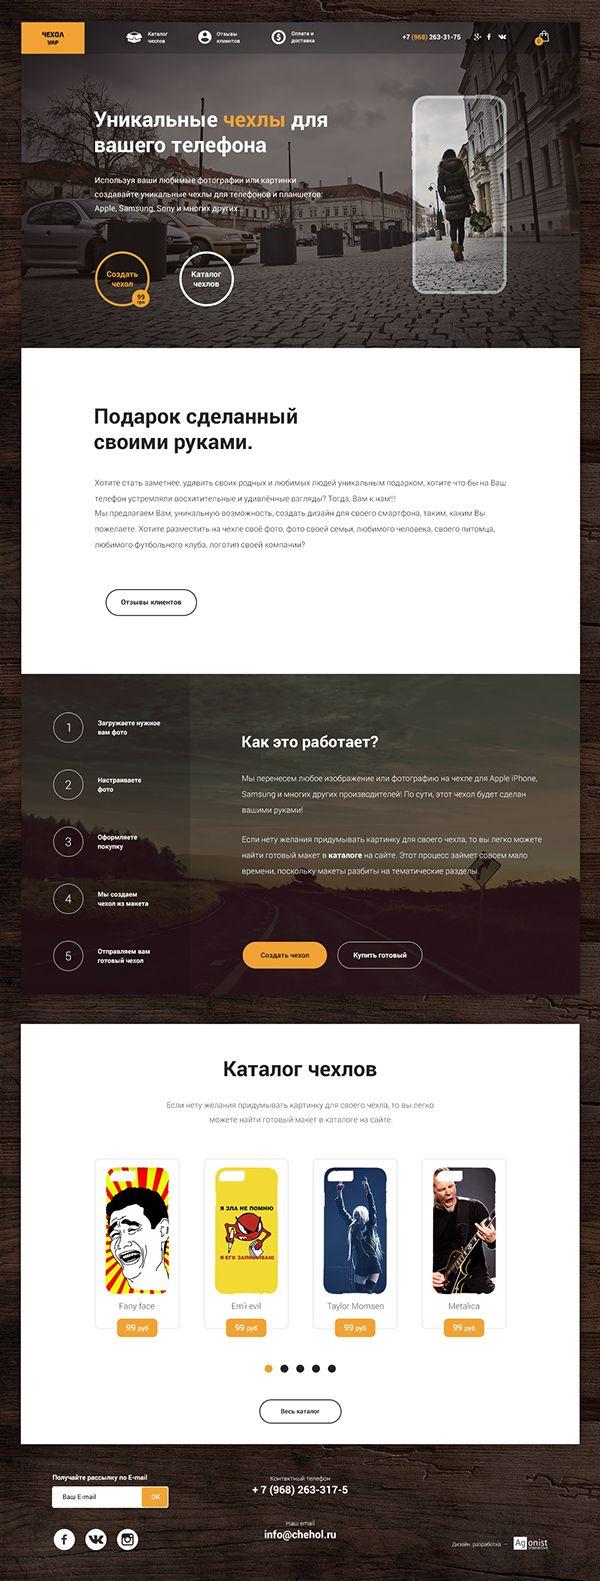 Чехол.укр 2.0 on Behance